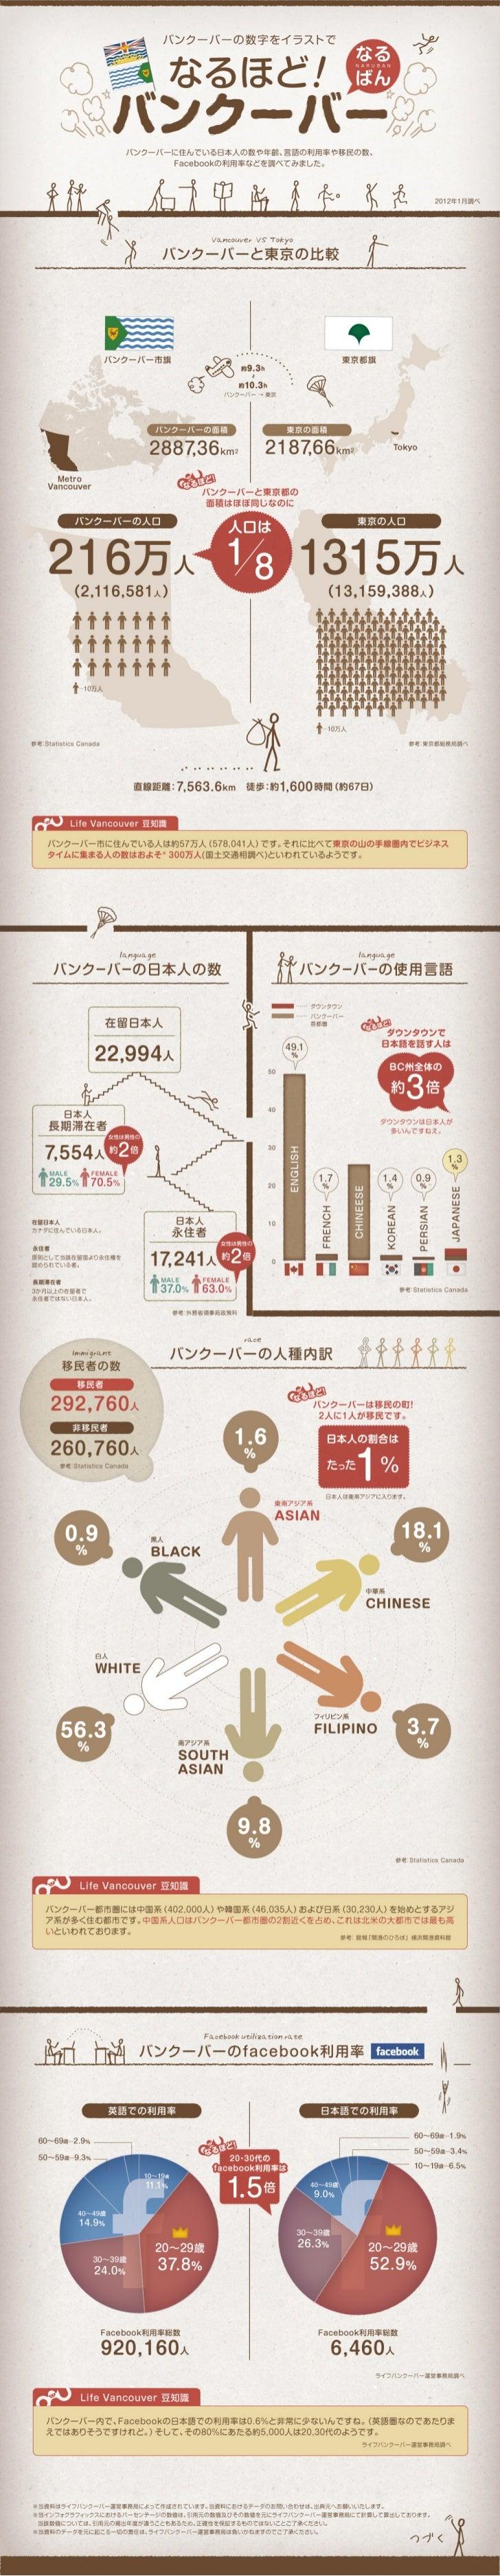 なるほどバンクーバー! 〜バンクーバーに住む日本人のインフォグラフィックス!